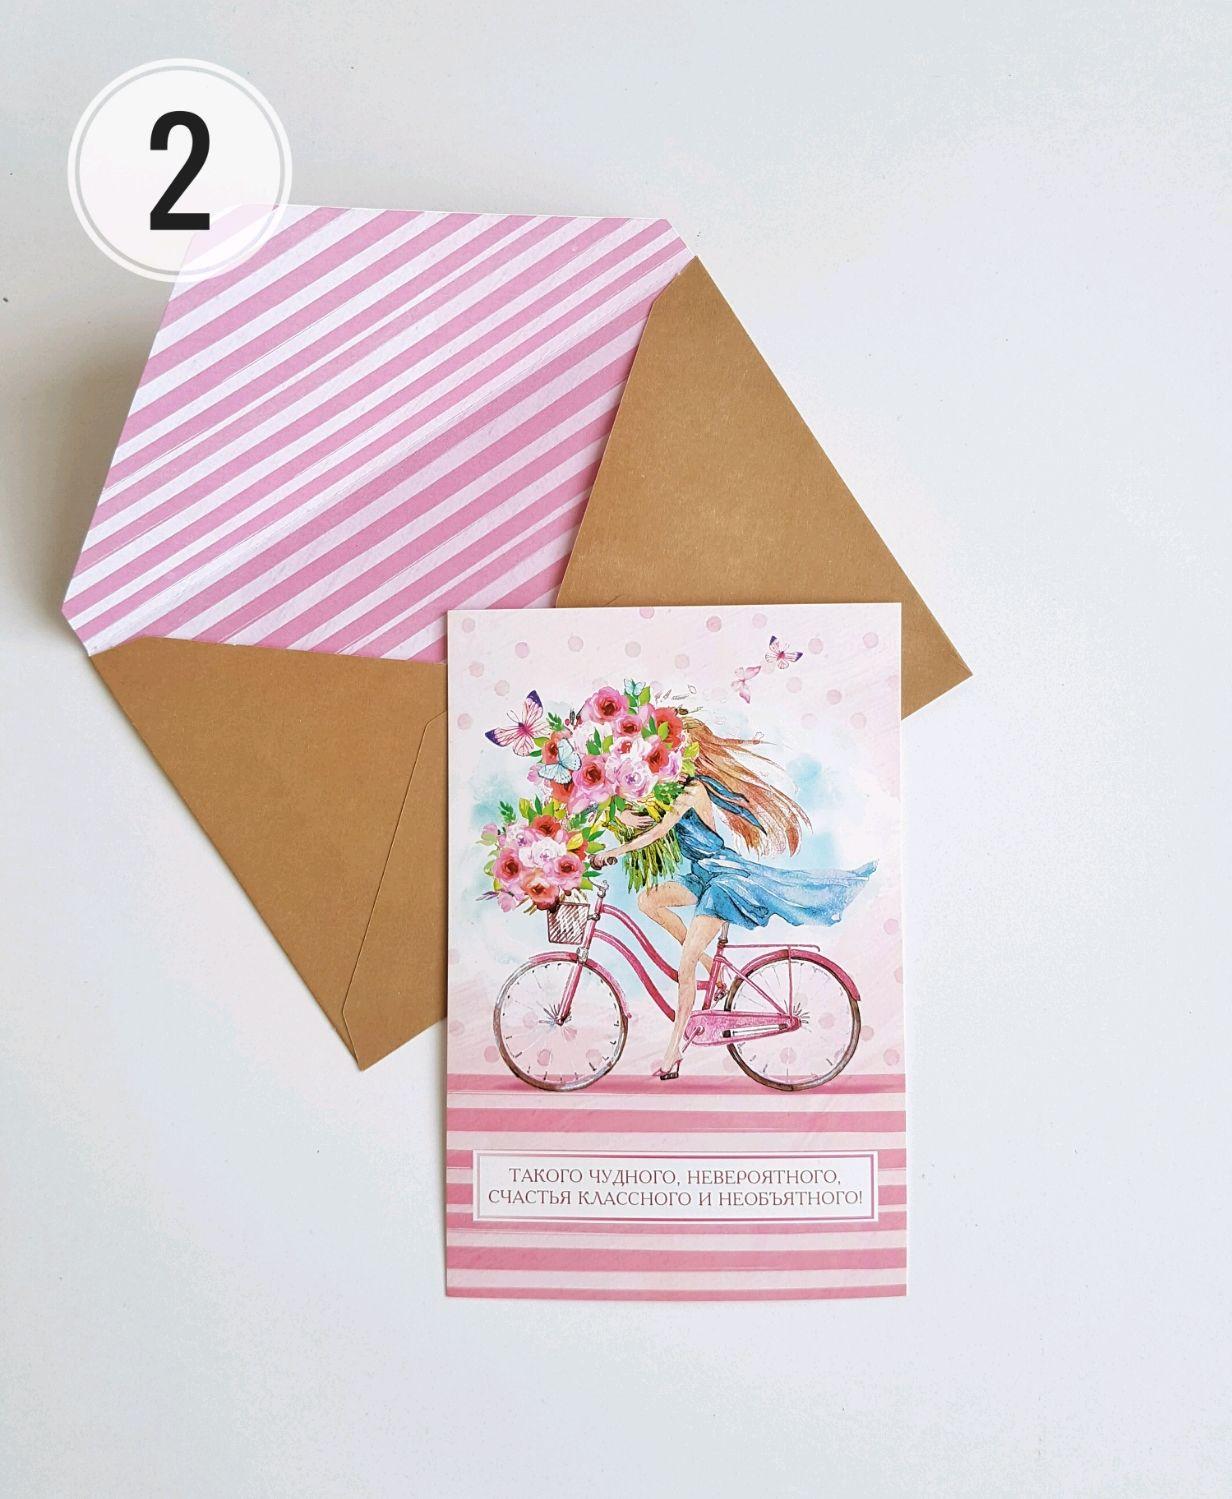 цена карточка открытка как это цвет умолчанию